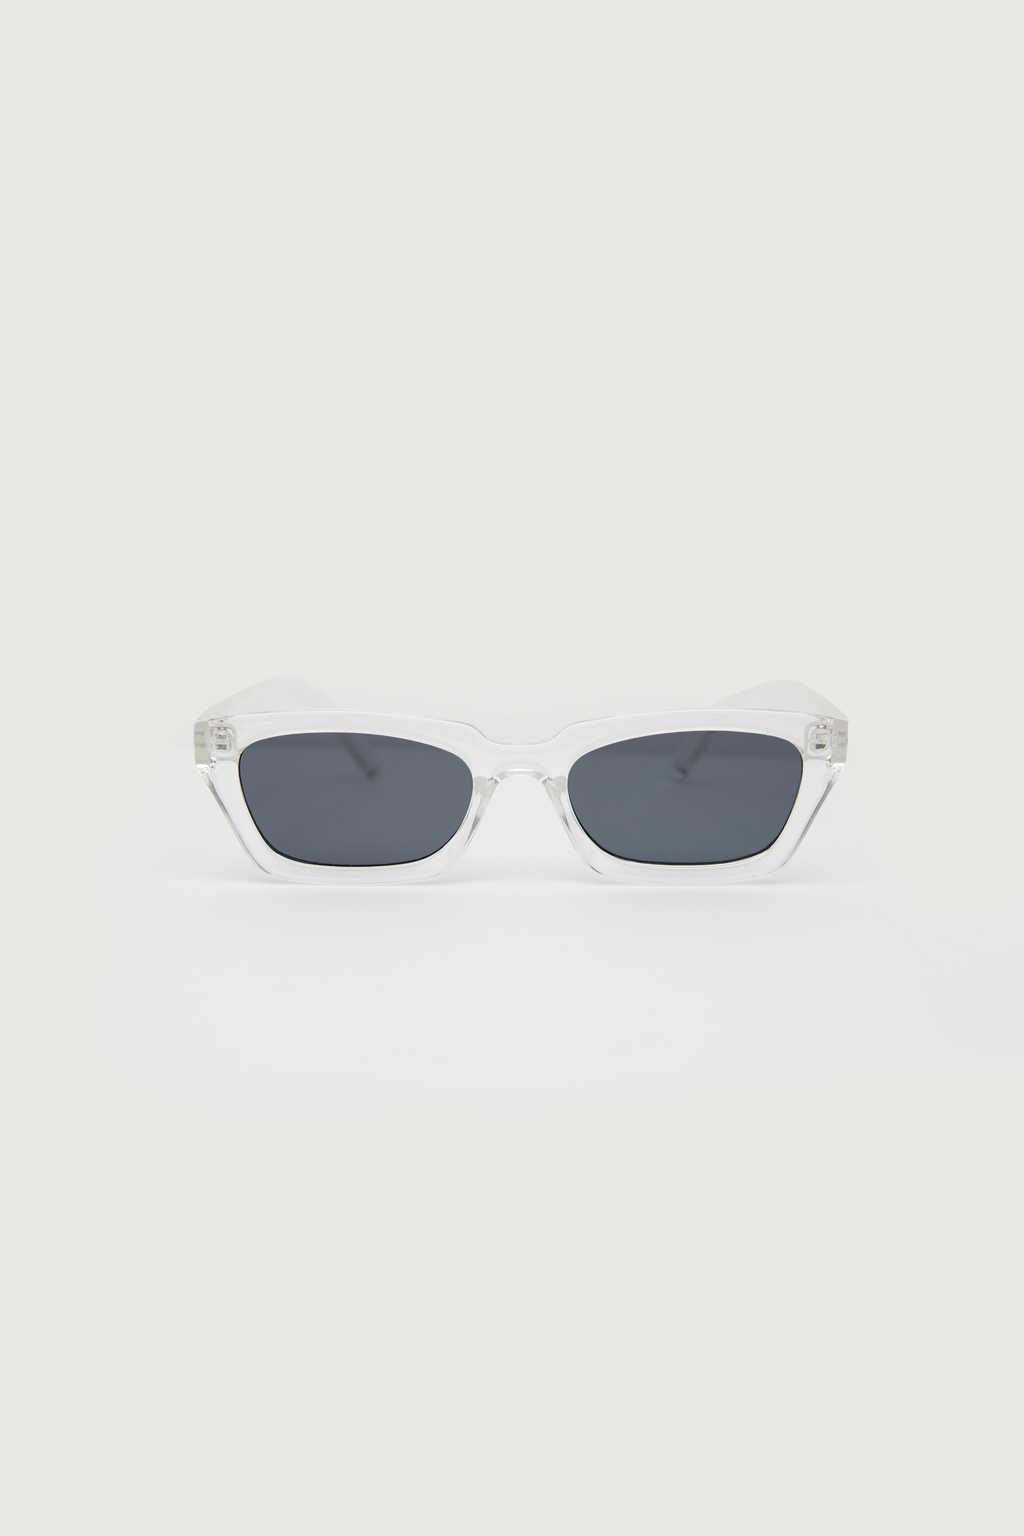 Sunglass 3366 Clear 7